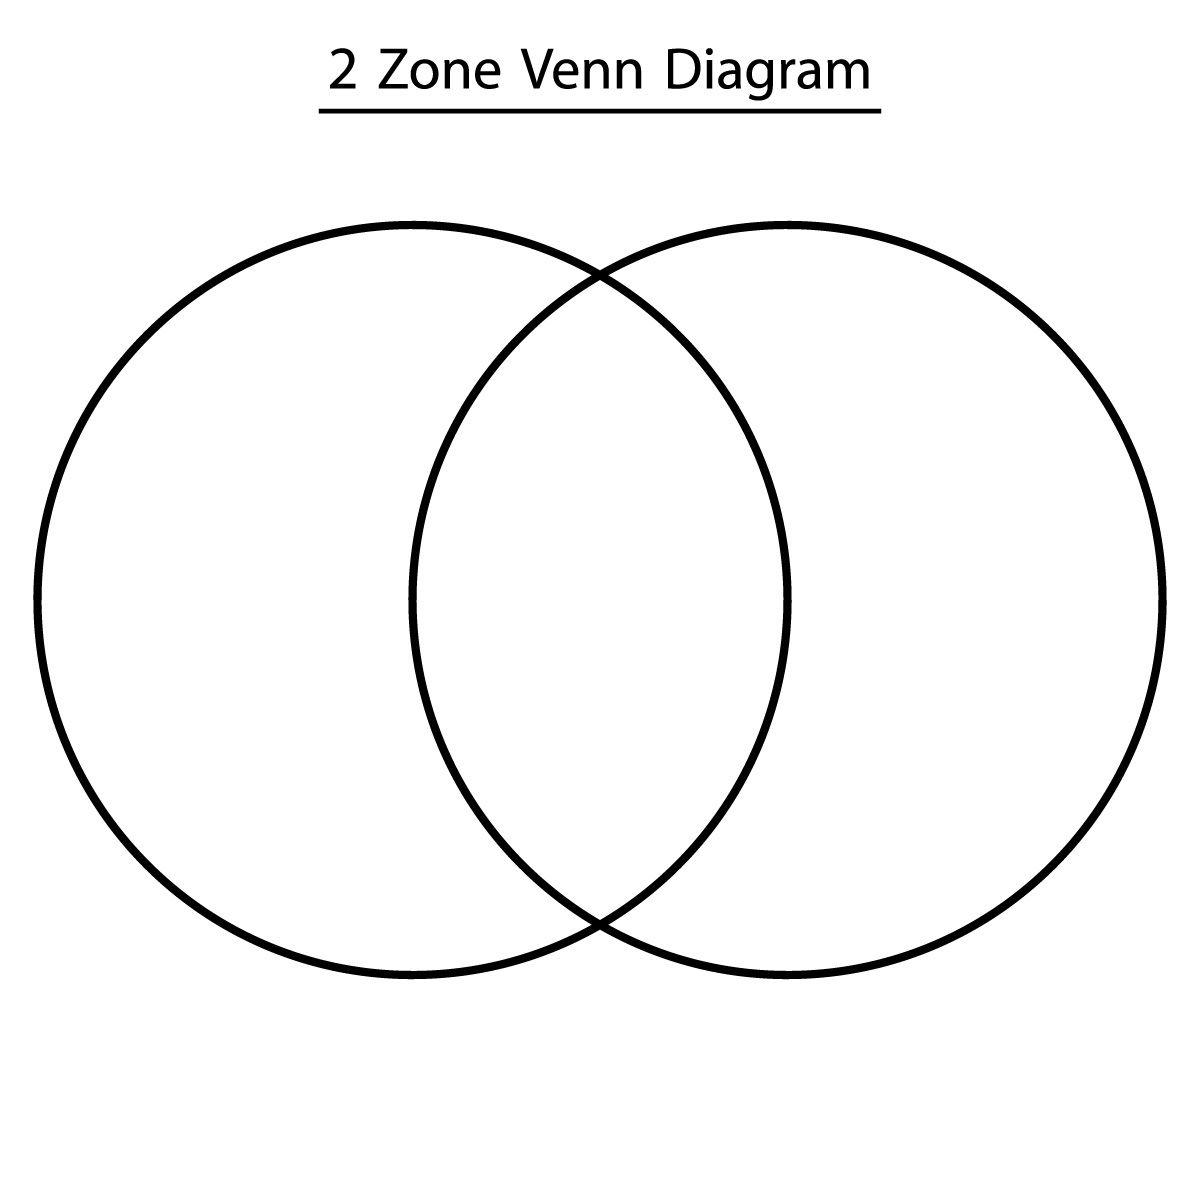 Kylene Beers Printable Venn Diagram